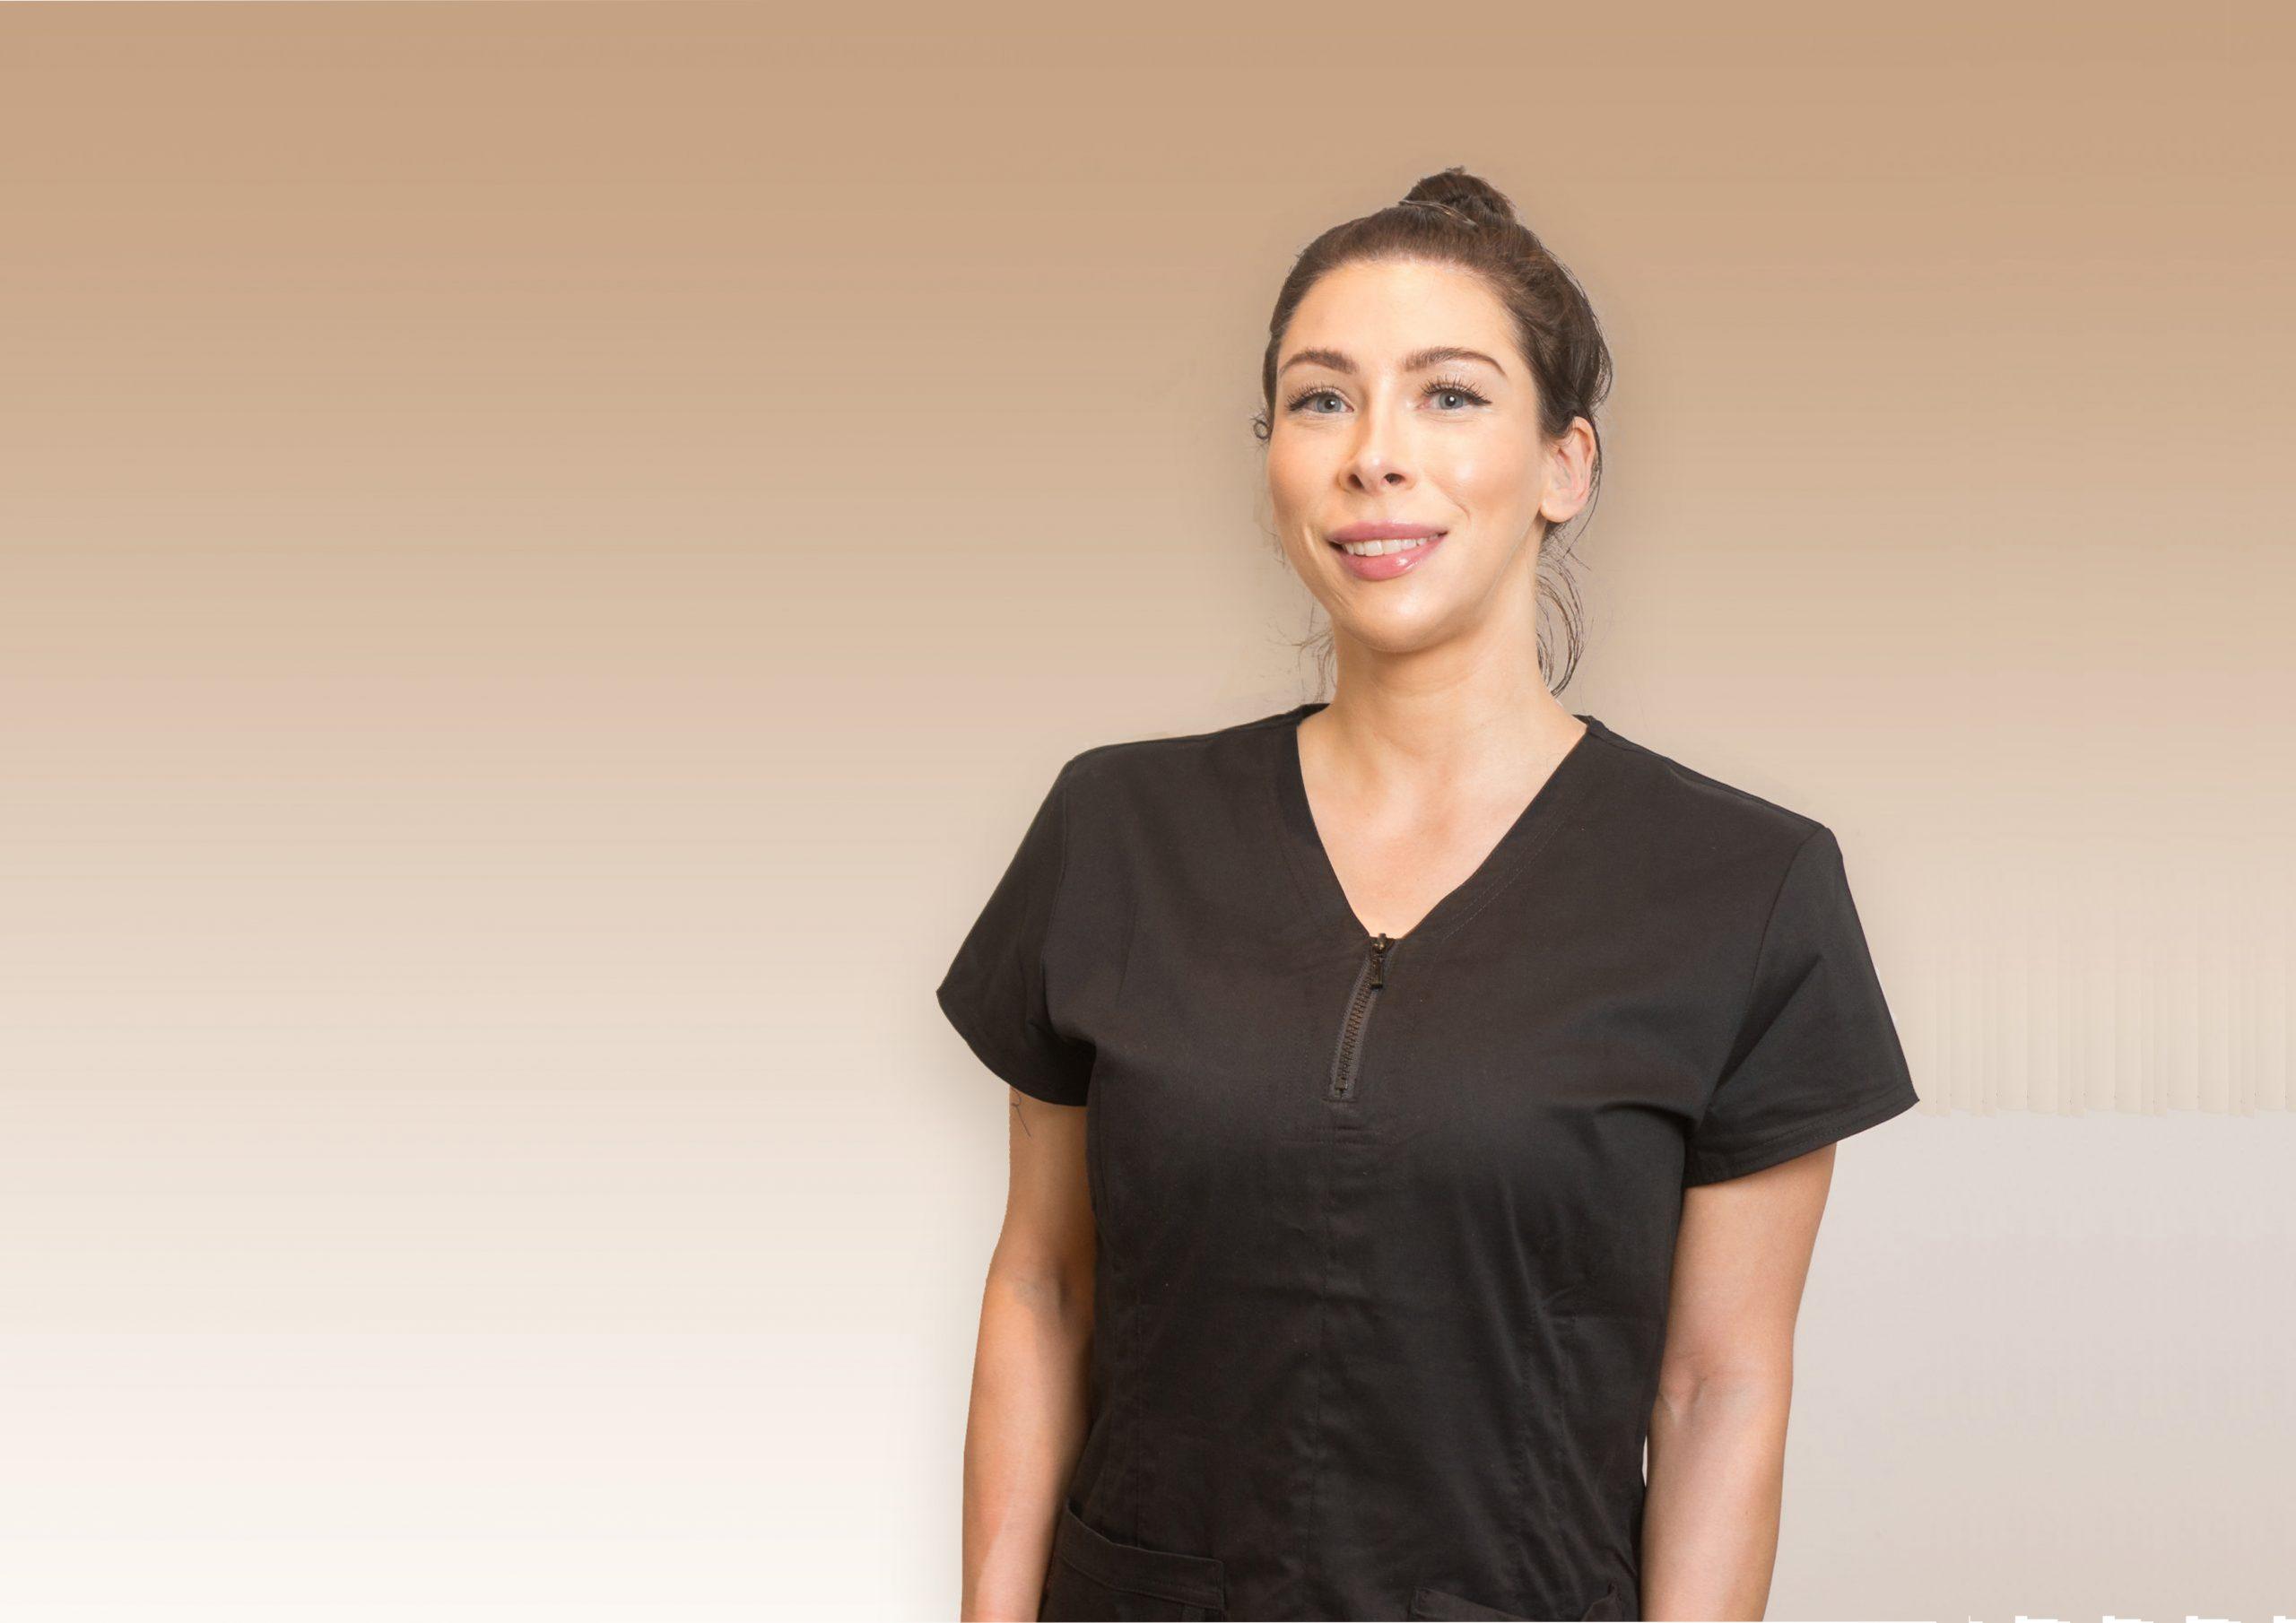 Freya Warsany